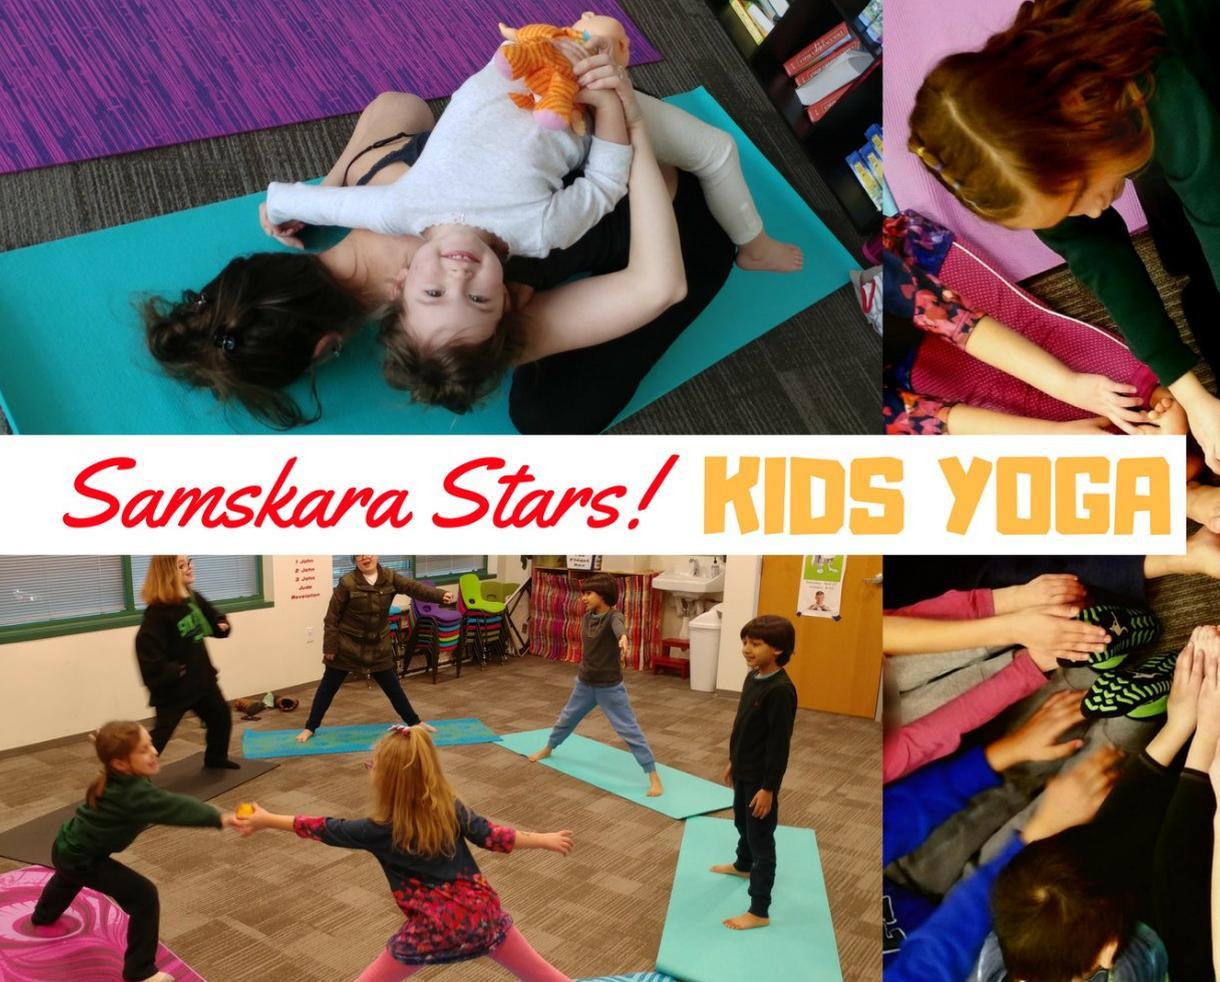 Unlimited Samskara Stars! Kids Yoga Classes